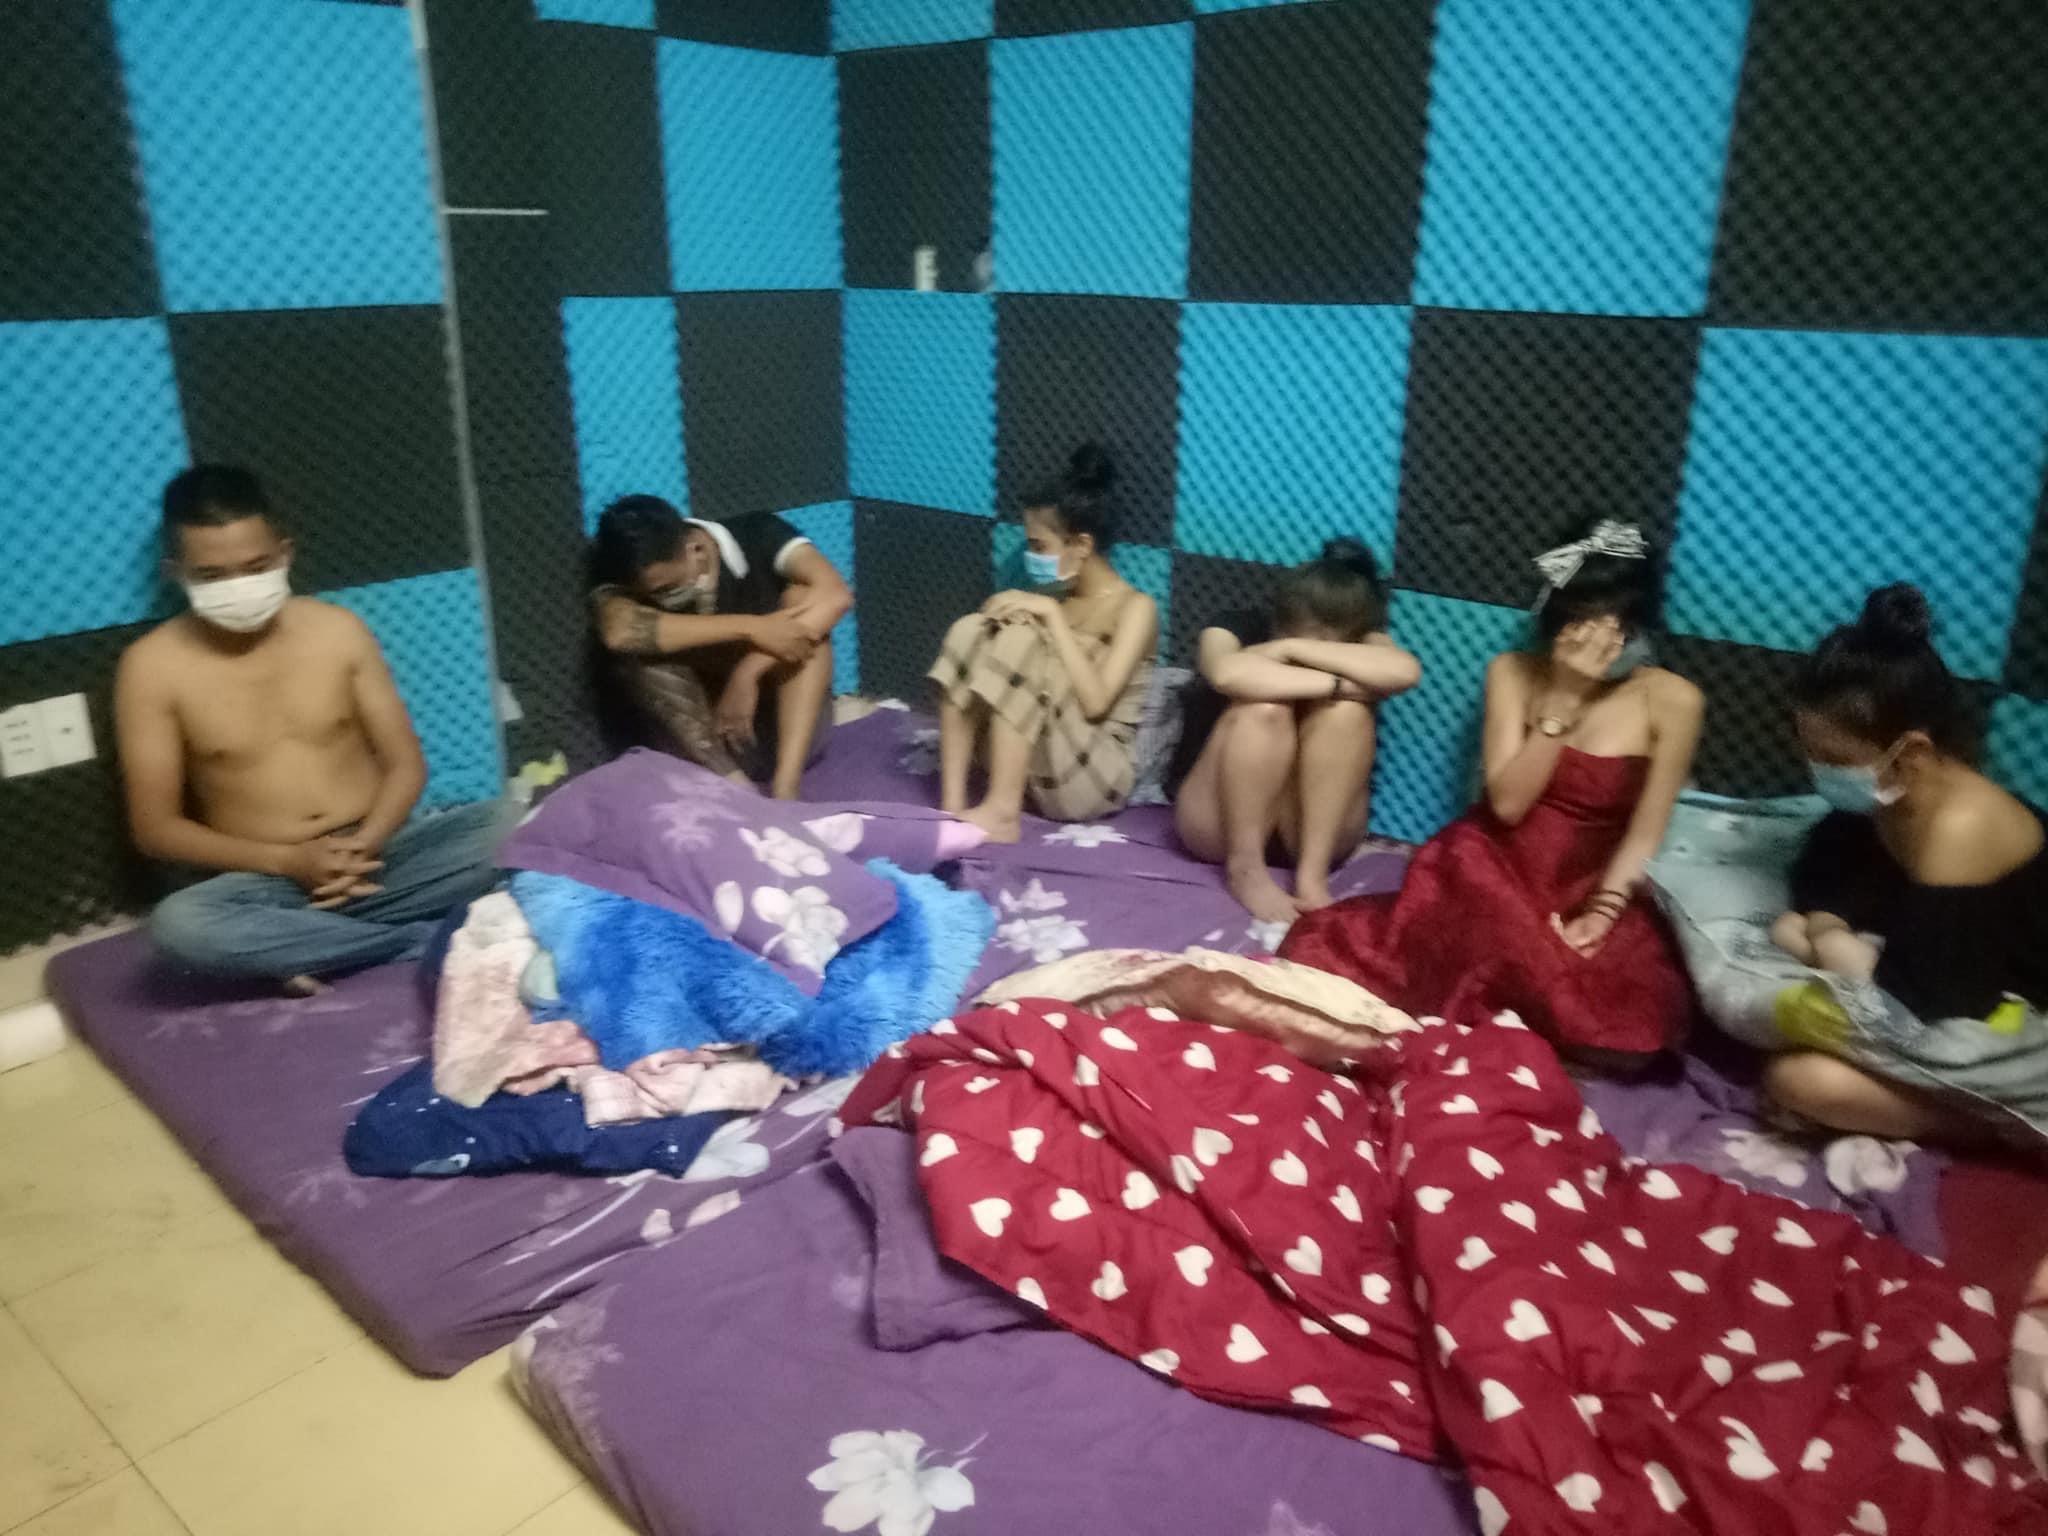 35 nam, nữ tụ tập trong nhà nghỉ bất chấp lệnh cấm ở Quảng Ngãi